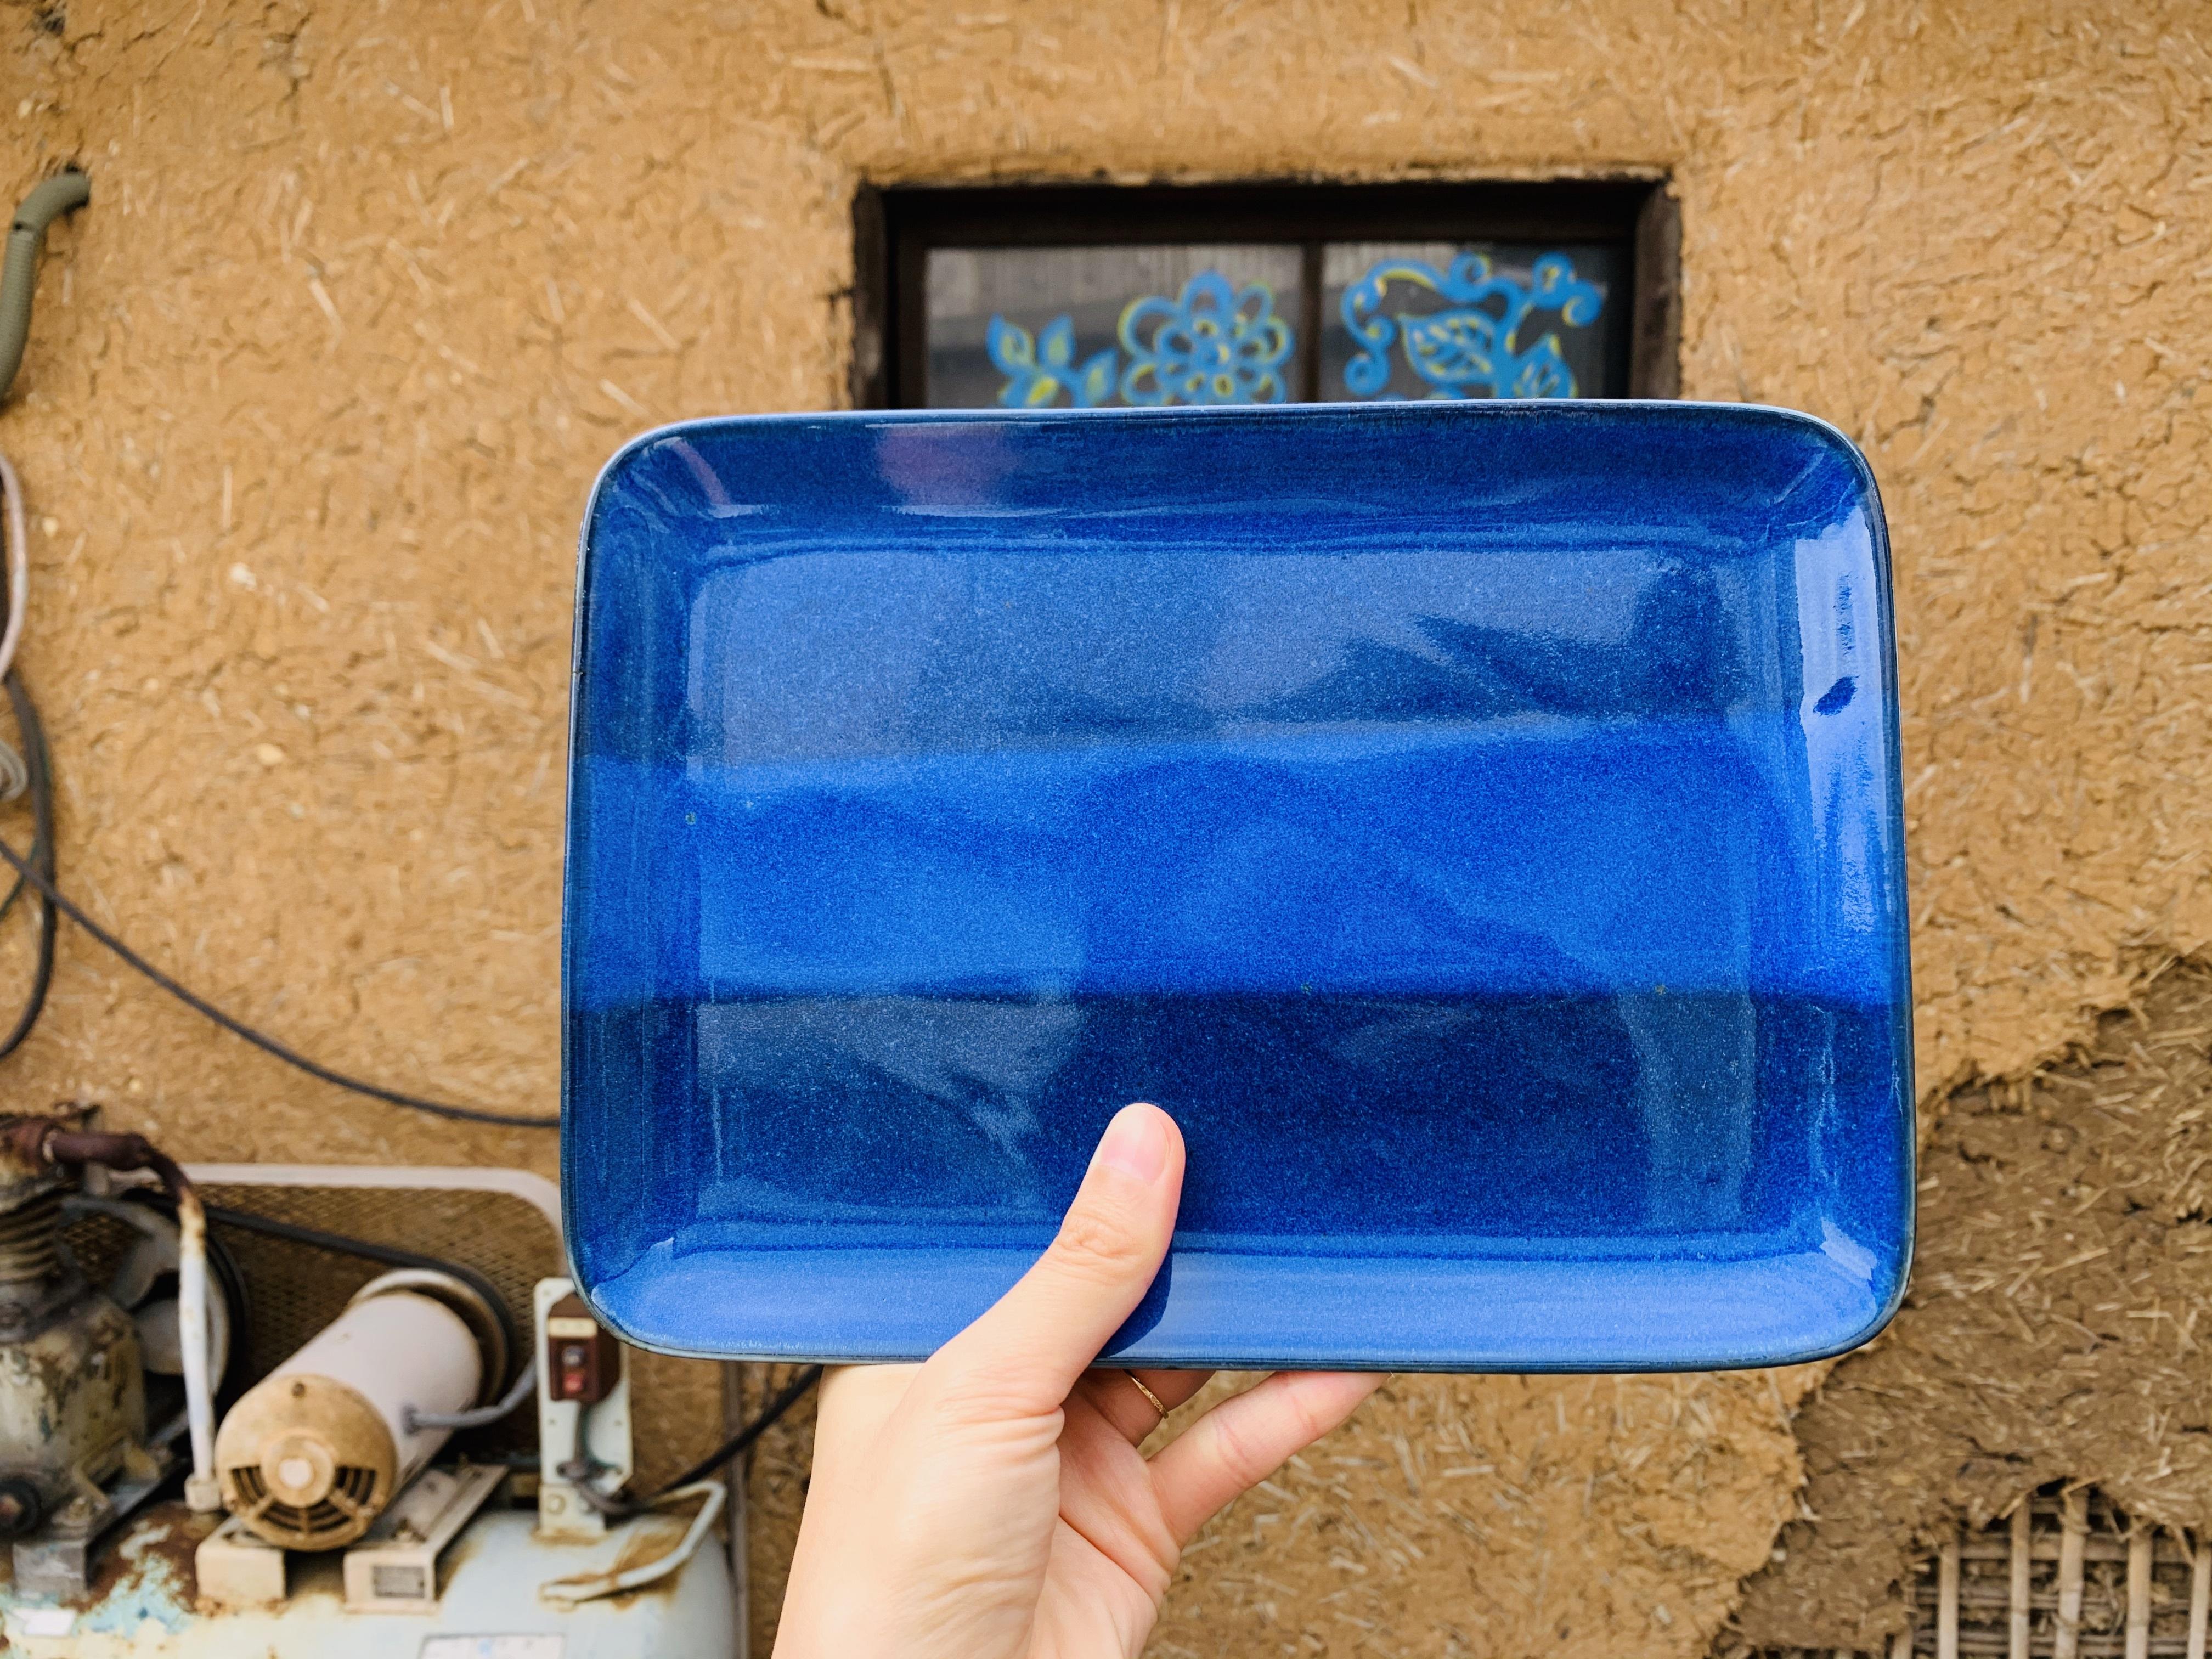 藍青レクタングルプレート